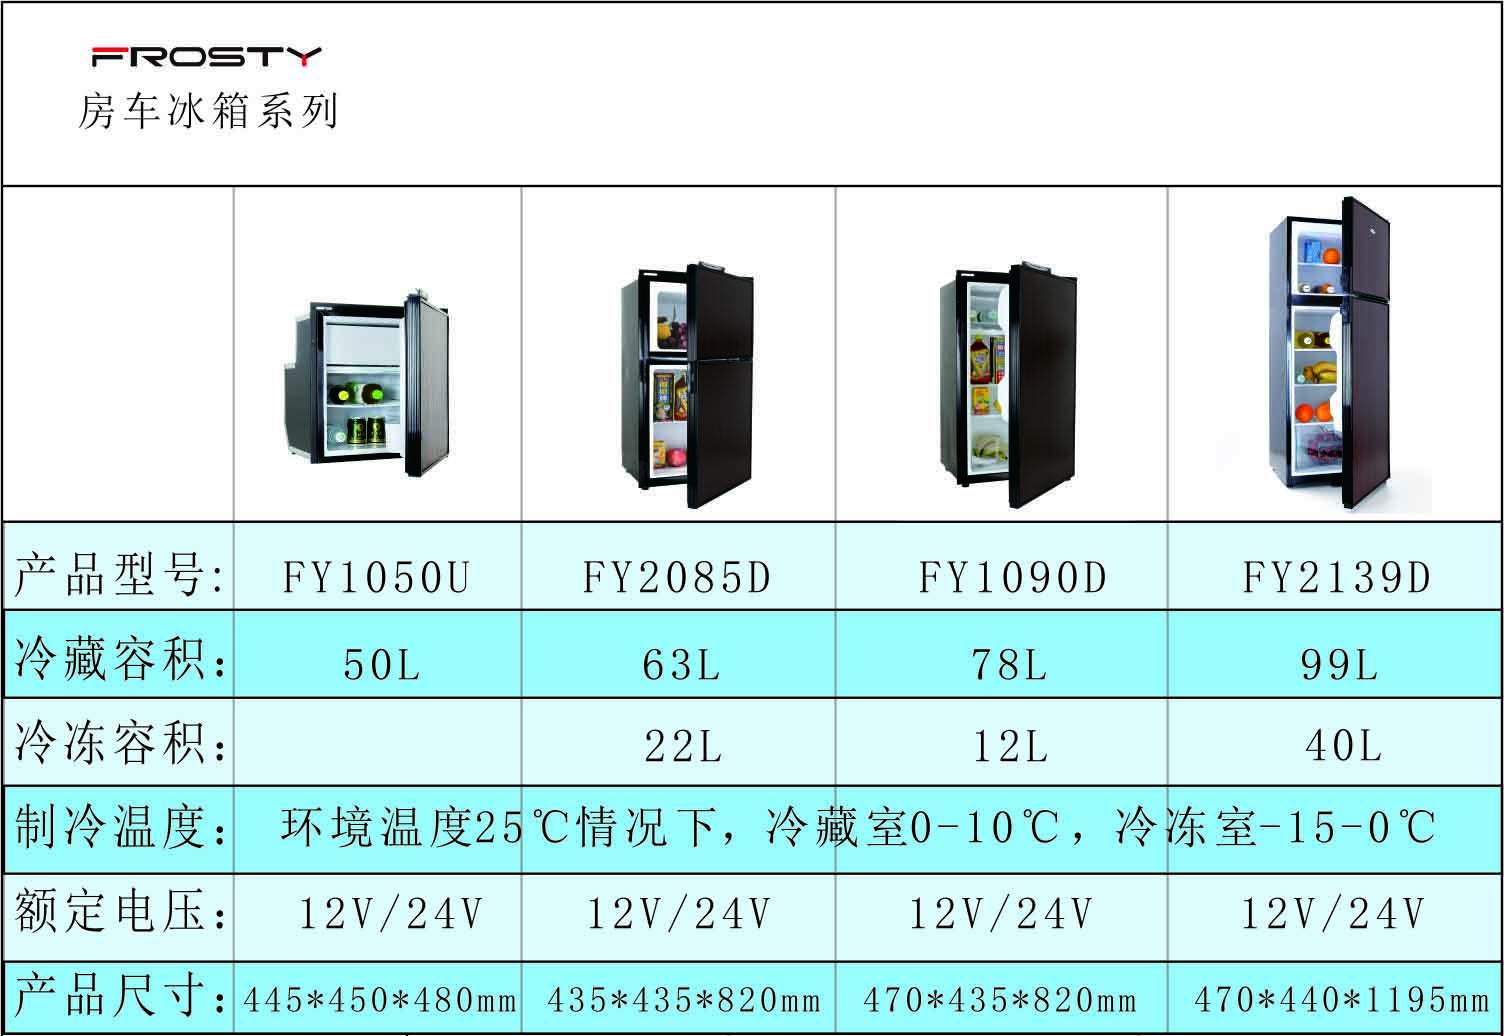 研发生产房车冰箱/车载冰箱 弗罗斯特电器介绍